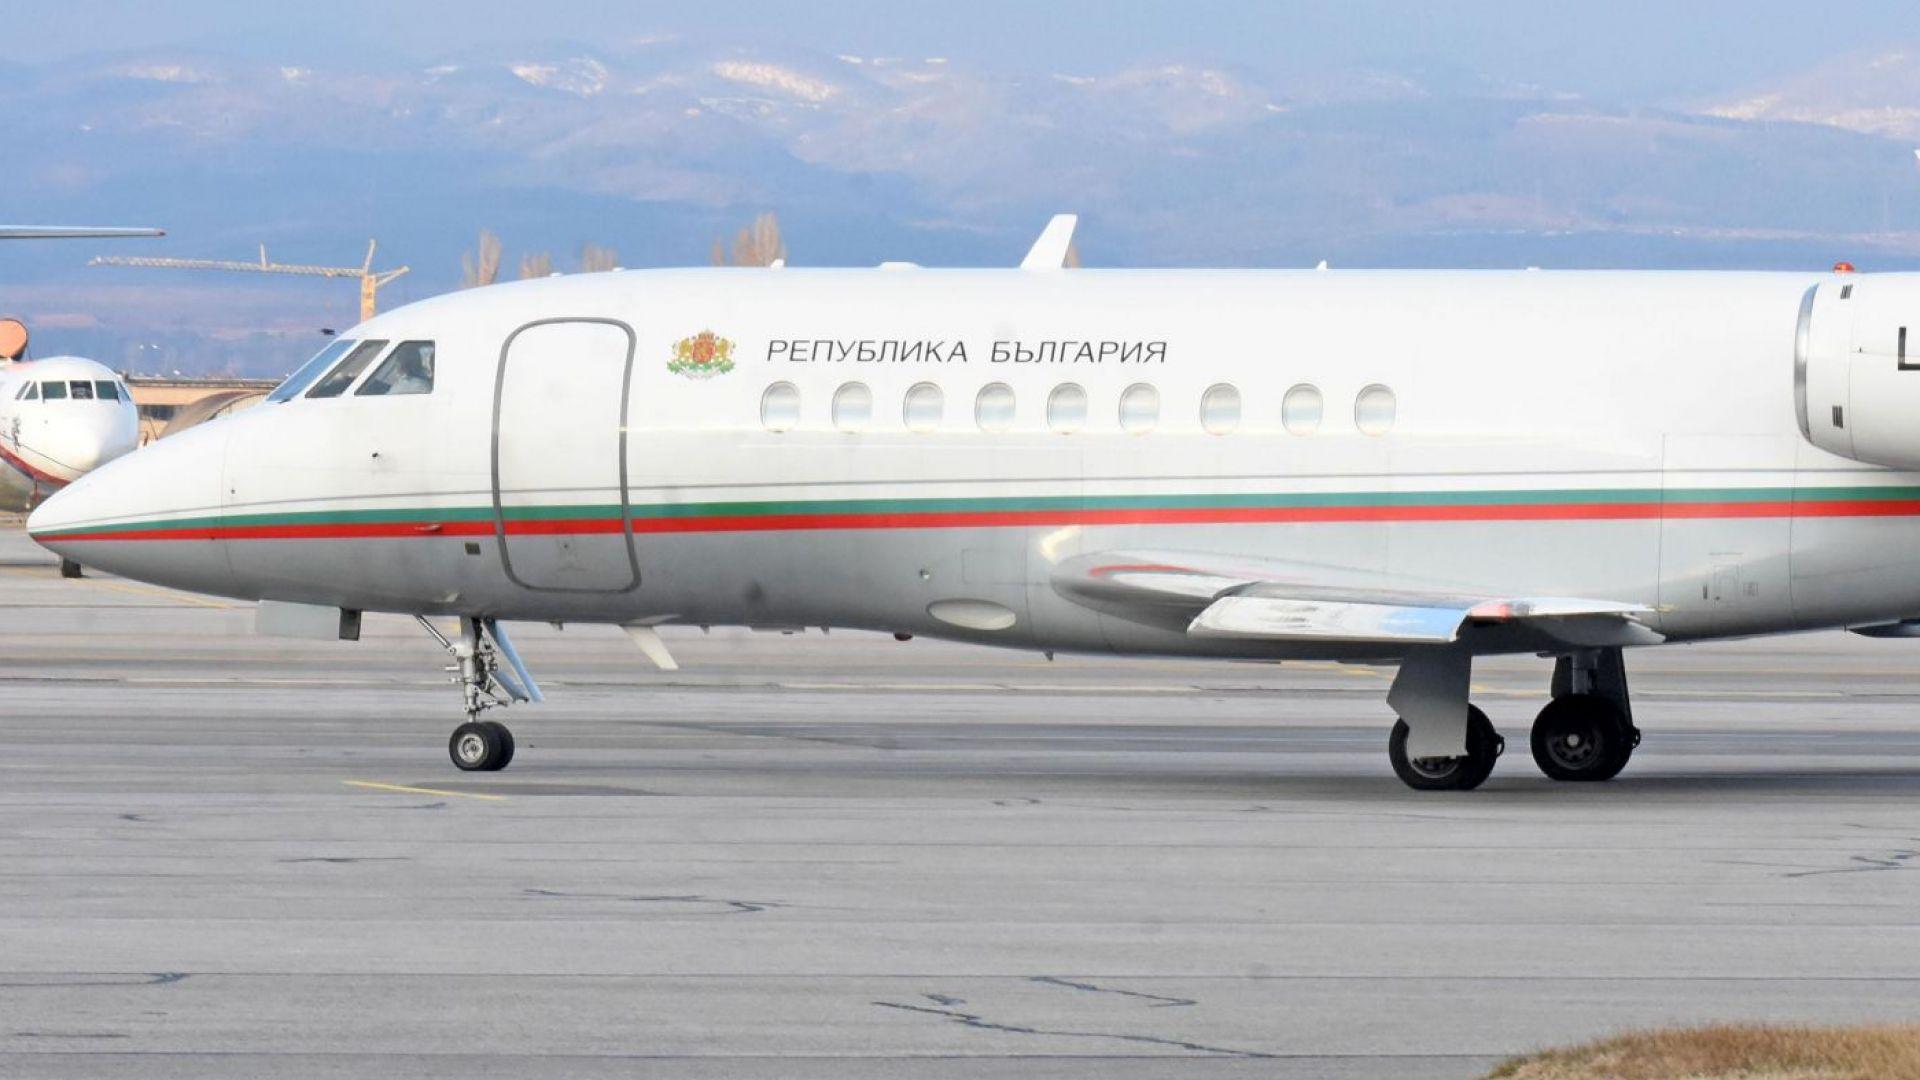 Правителството реши да купи нов самолет след инцидента с Бойко Борисов